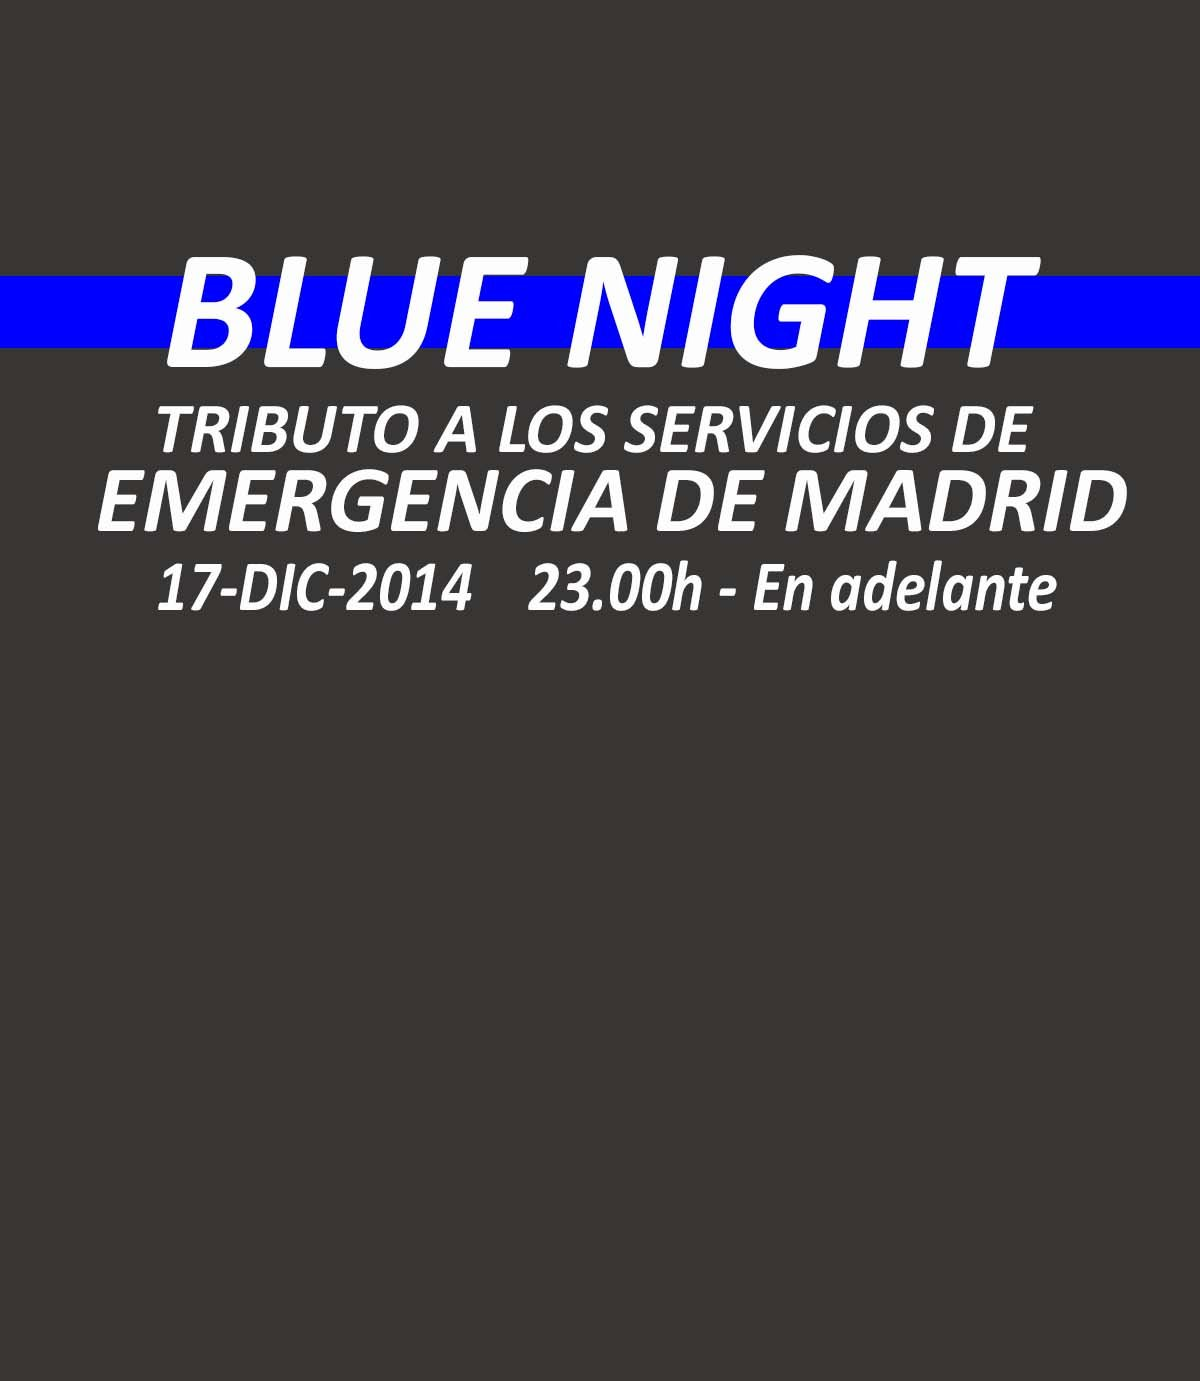 Blue Night – Una noche muy especial